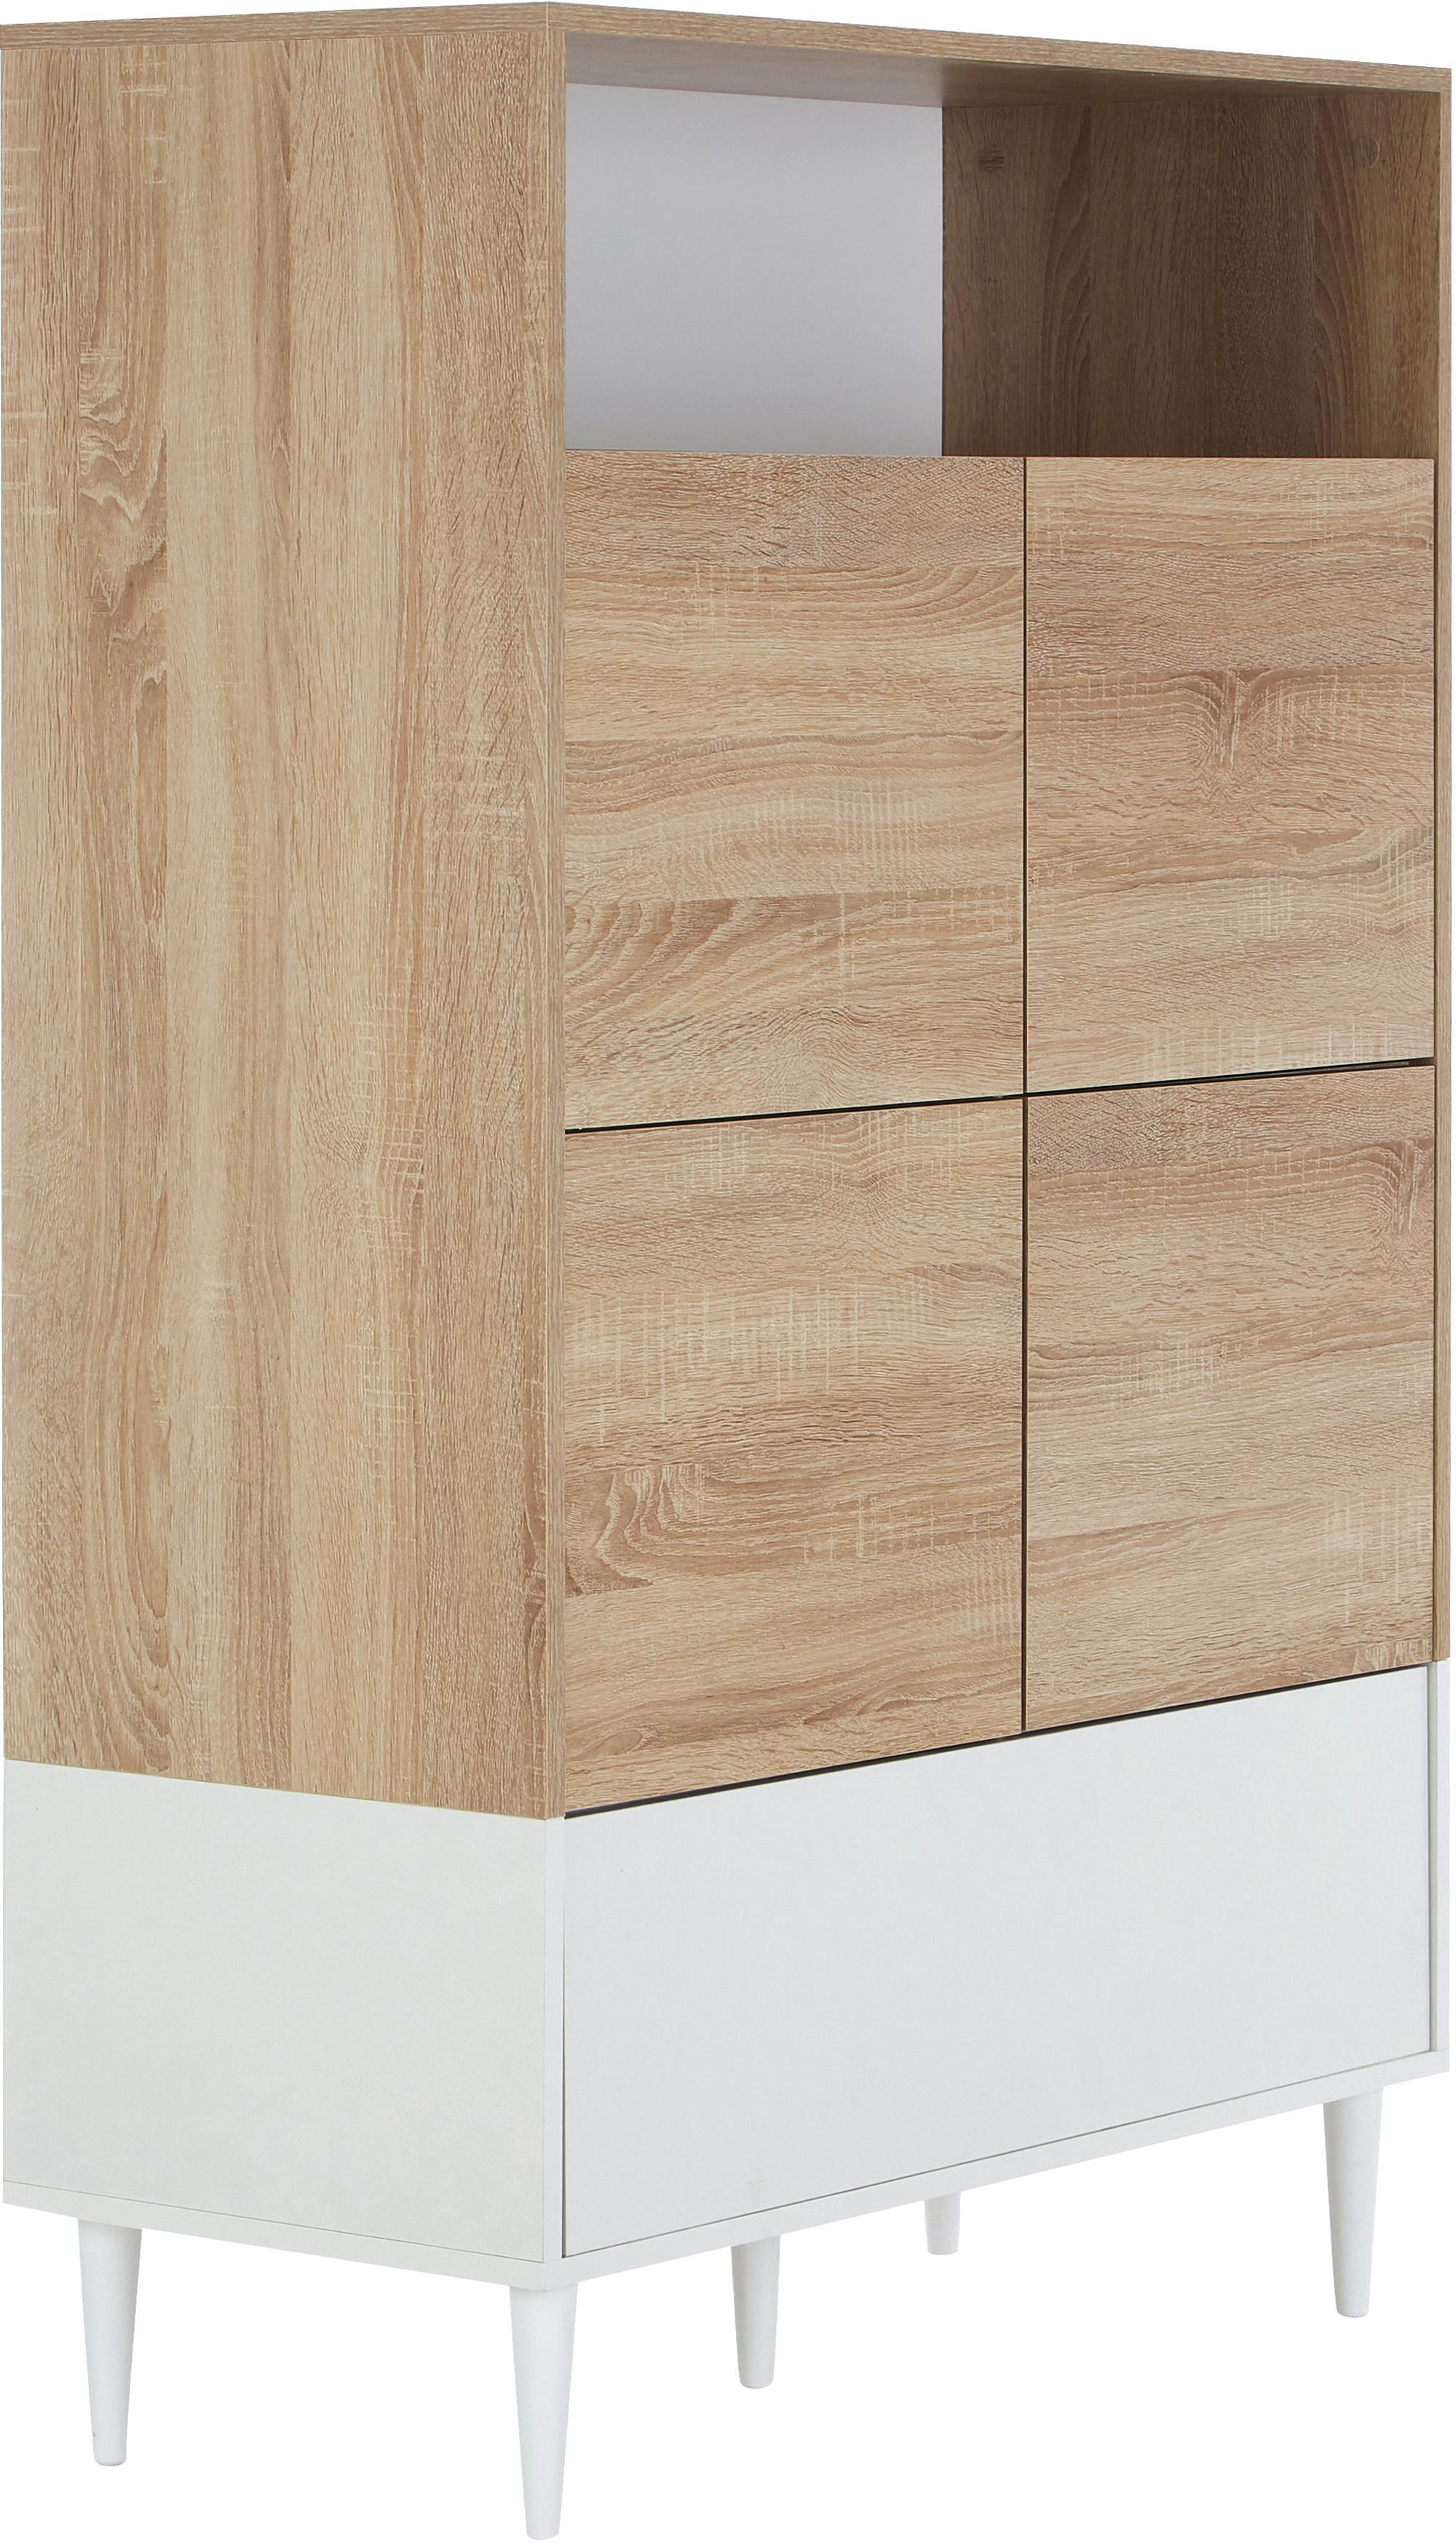 Chiffonnier Horizon, estilo escandinavo, Estructura: aglomerado, recubierto de, Patas: madera de haya maciza, pi, Roble, blanco, An 90 x Al 141 cm